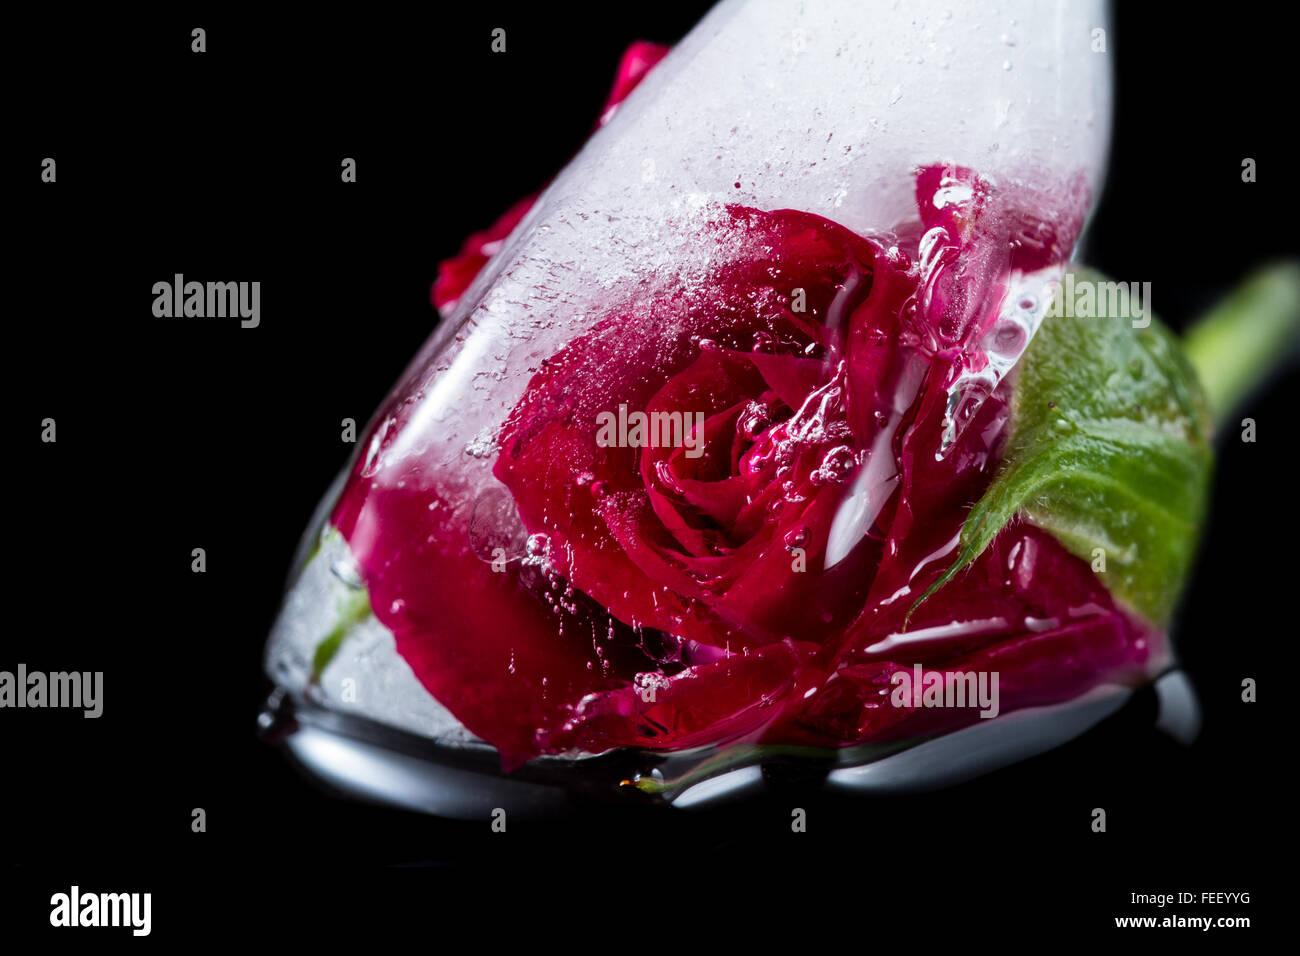 In prossimità di una piccola rosa rossa congelati in un cubo di ghiaccio aggiungendo linee belle e bolle utilizzando l'elemento di distorsione con artistiche Foto Stock